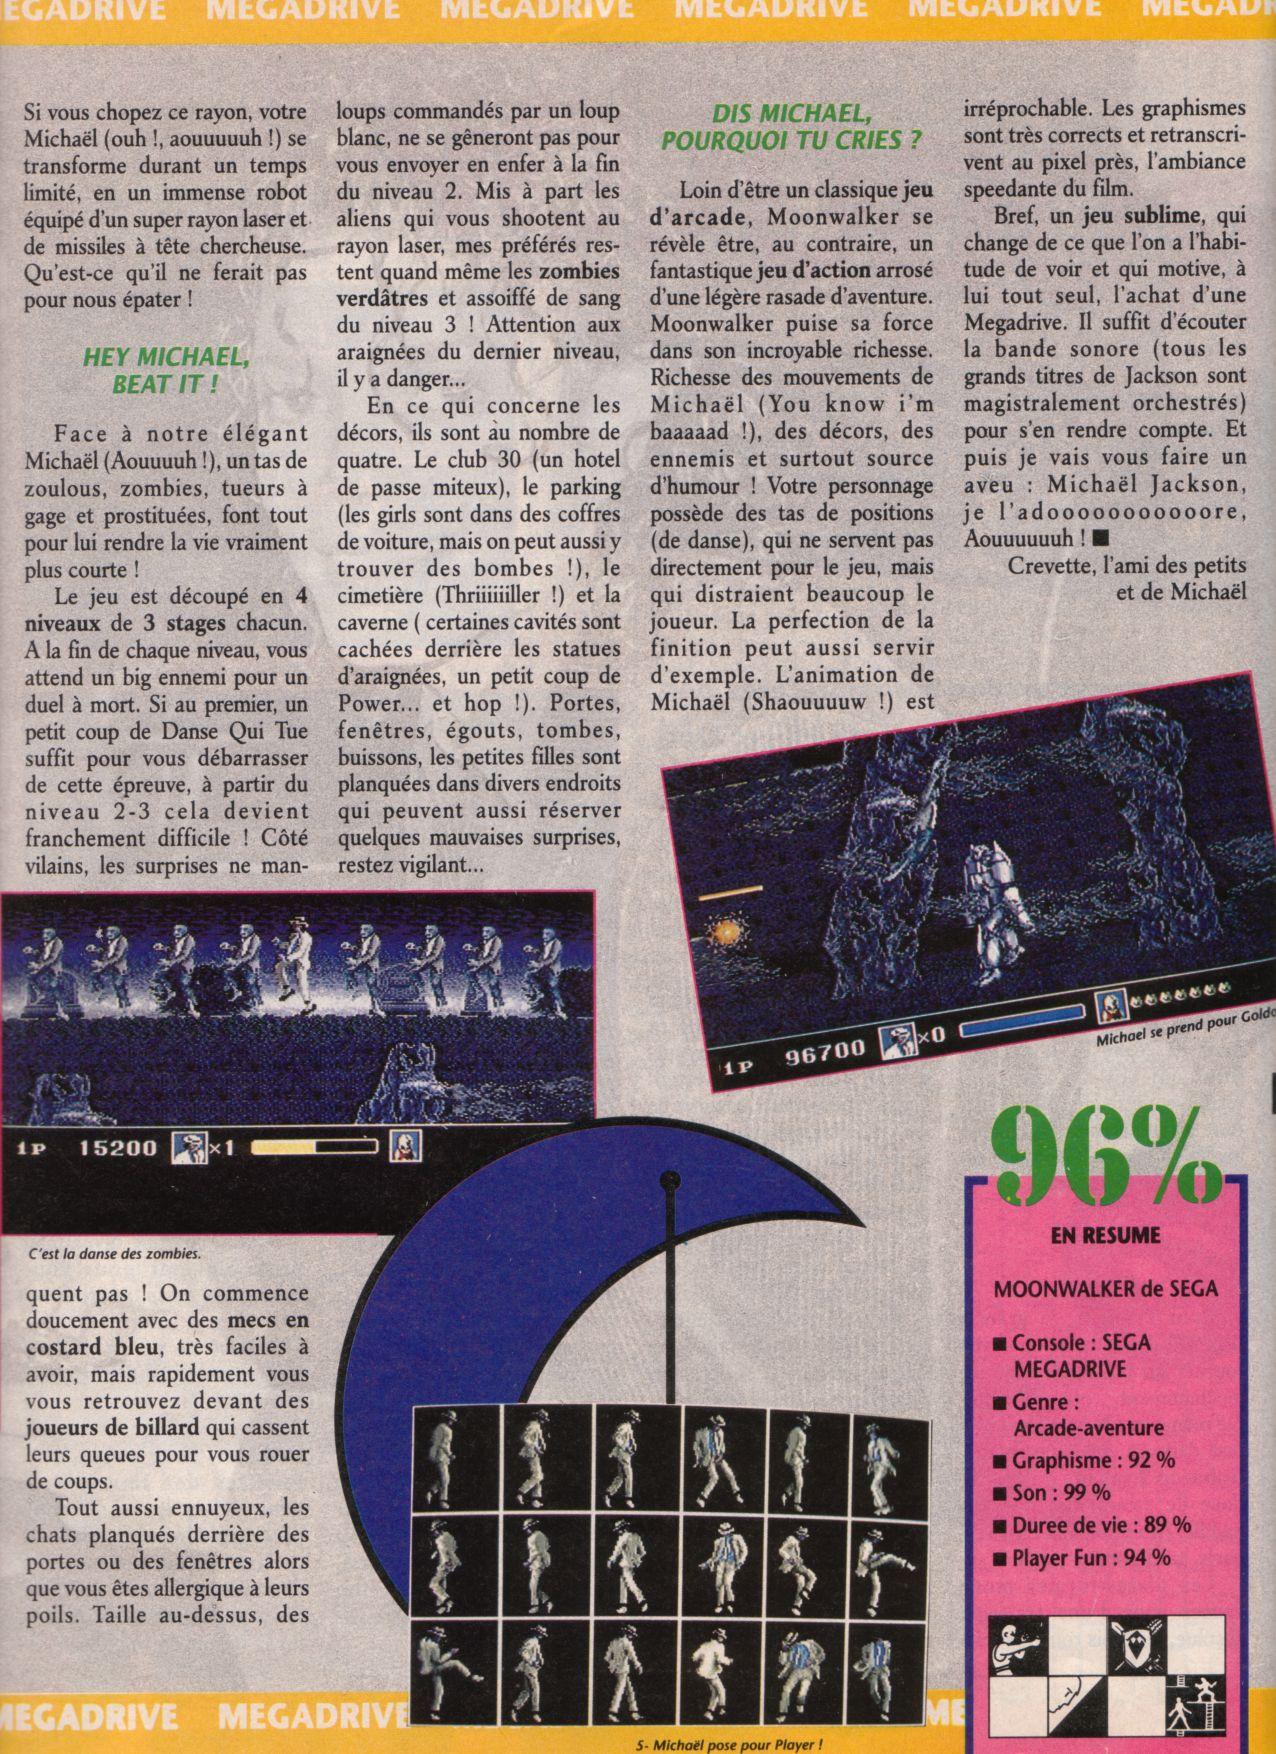 Le topic officiel de la Megadrive - Page 26 Player%20One%20004%20-%20Page%20025%20%281990-12%29